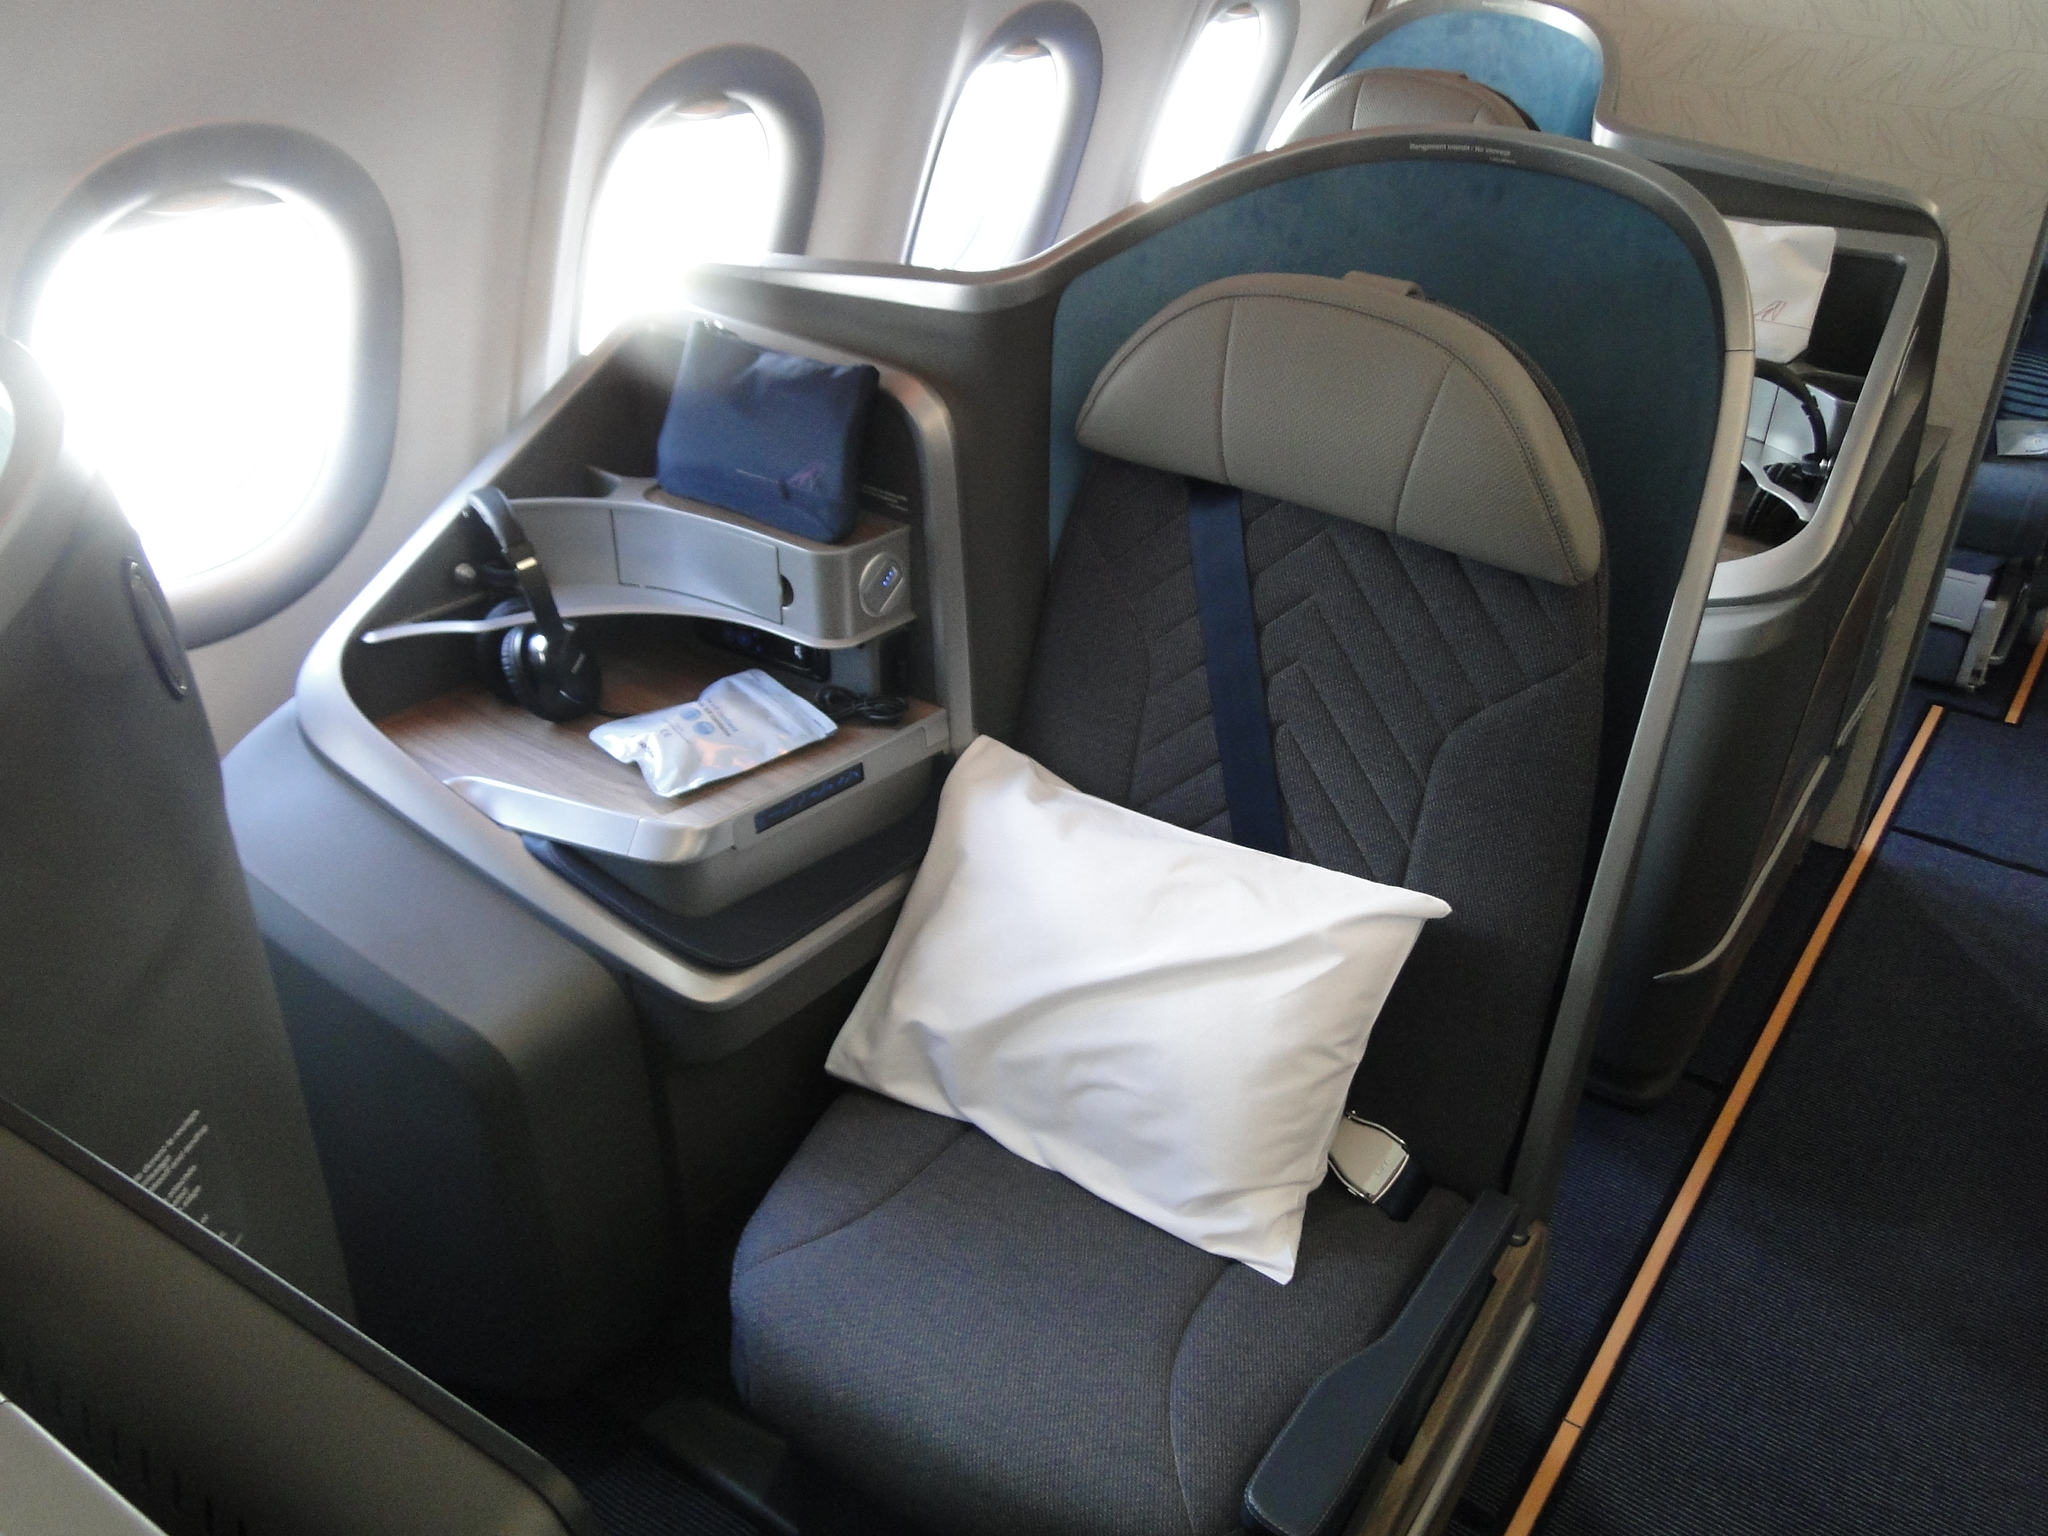 Le siège en classe business permettant une totale inclinaison pour pouvoir s'allonger et dormir /crédit CH